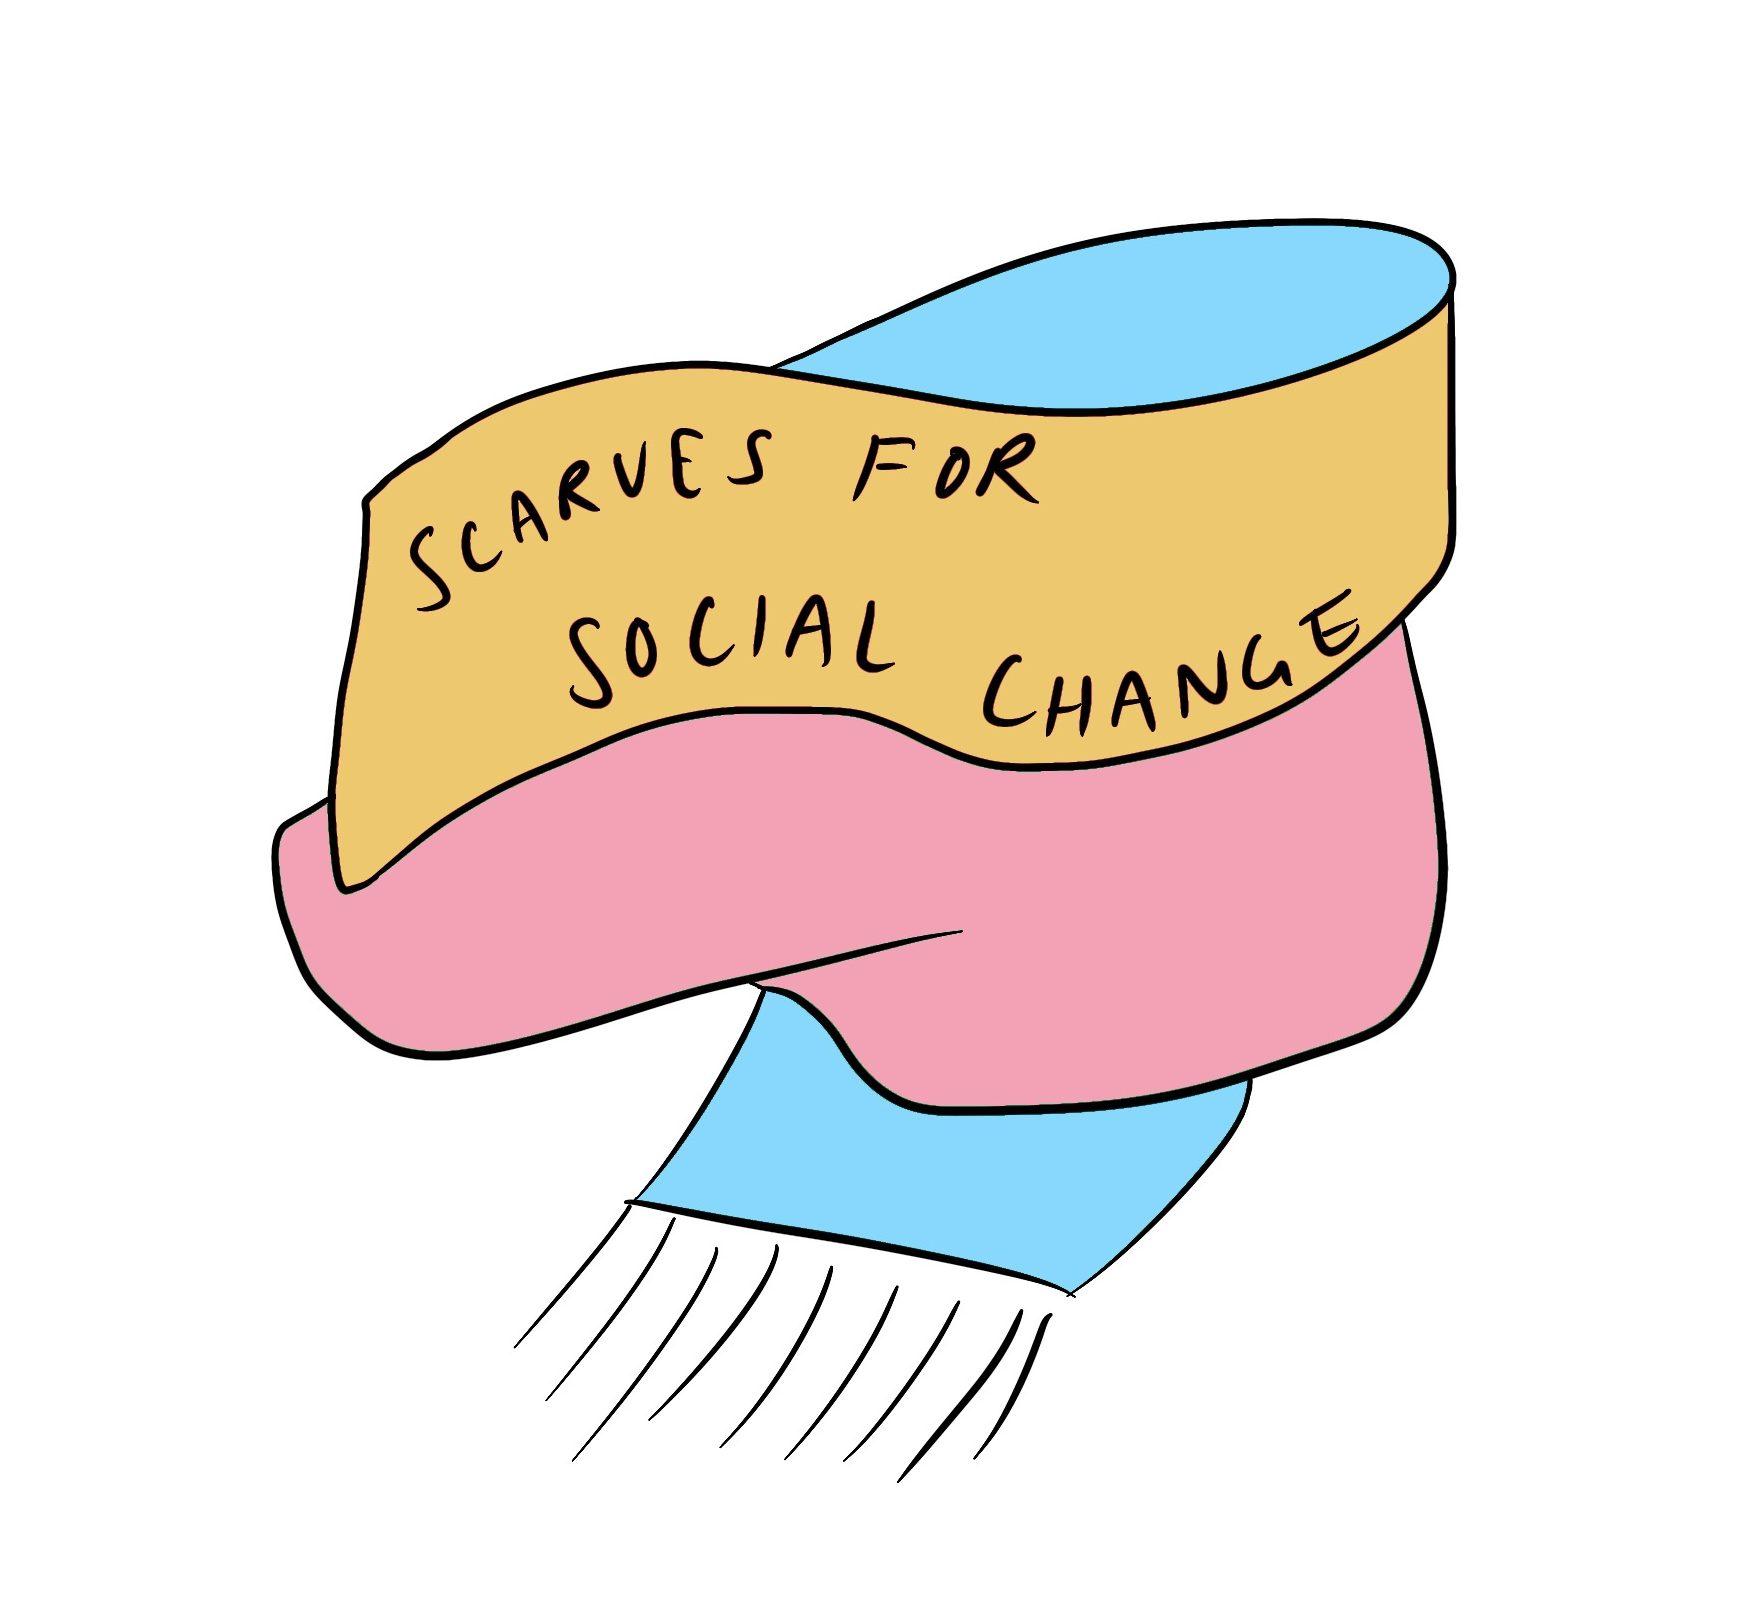 Scarves for Social Change